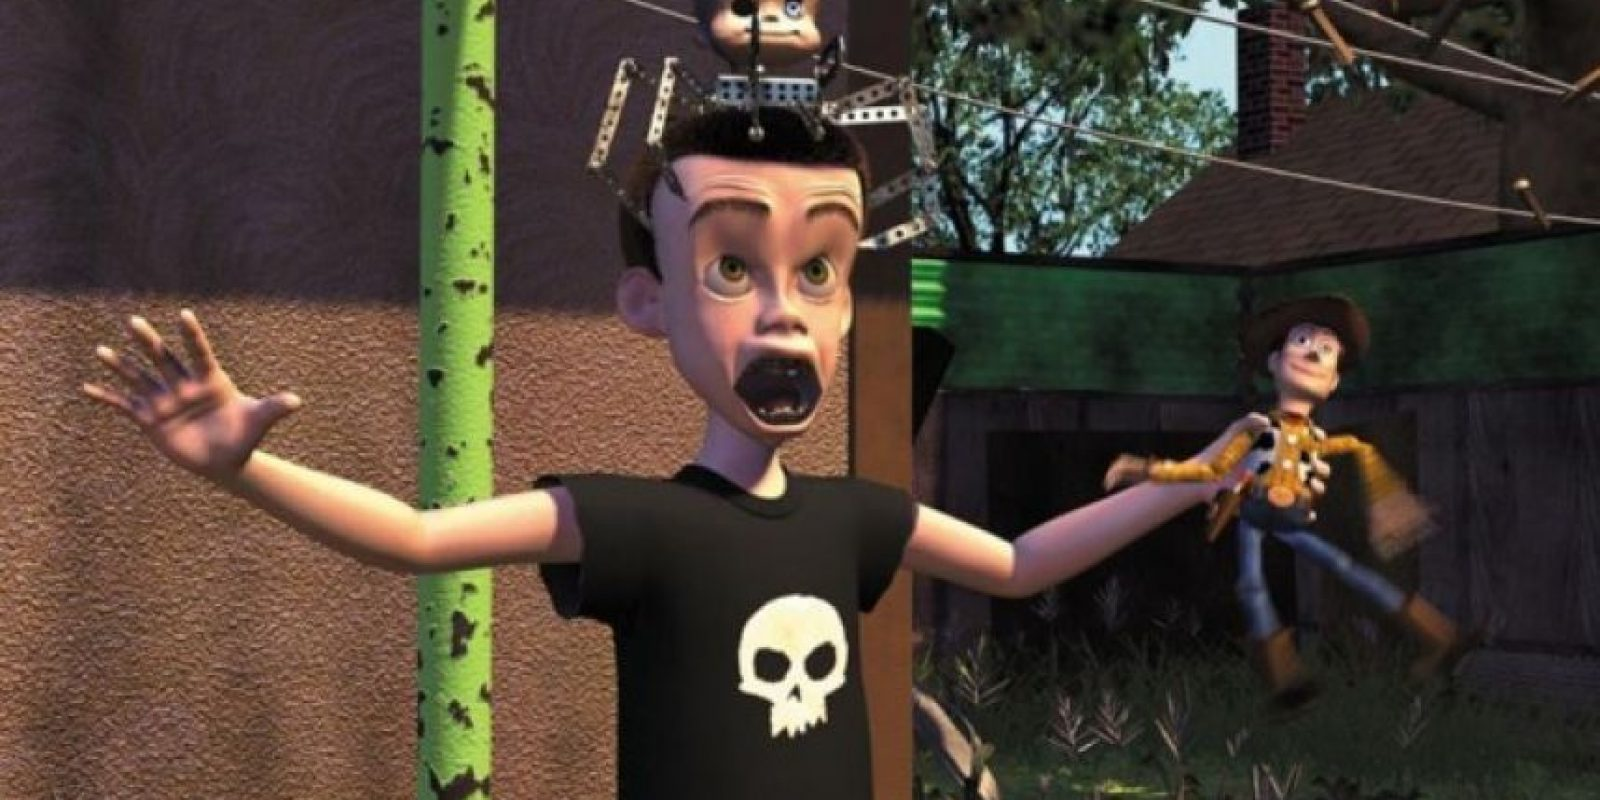 """9.- La producción planeaba usar muñecos de acción """"G.I Joe"""", pero la marca de juguetes se enteró que Sid los haría explotar y negaron el permiso. Foto:Facebook/Toy Story"""